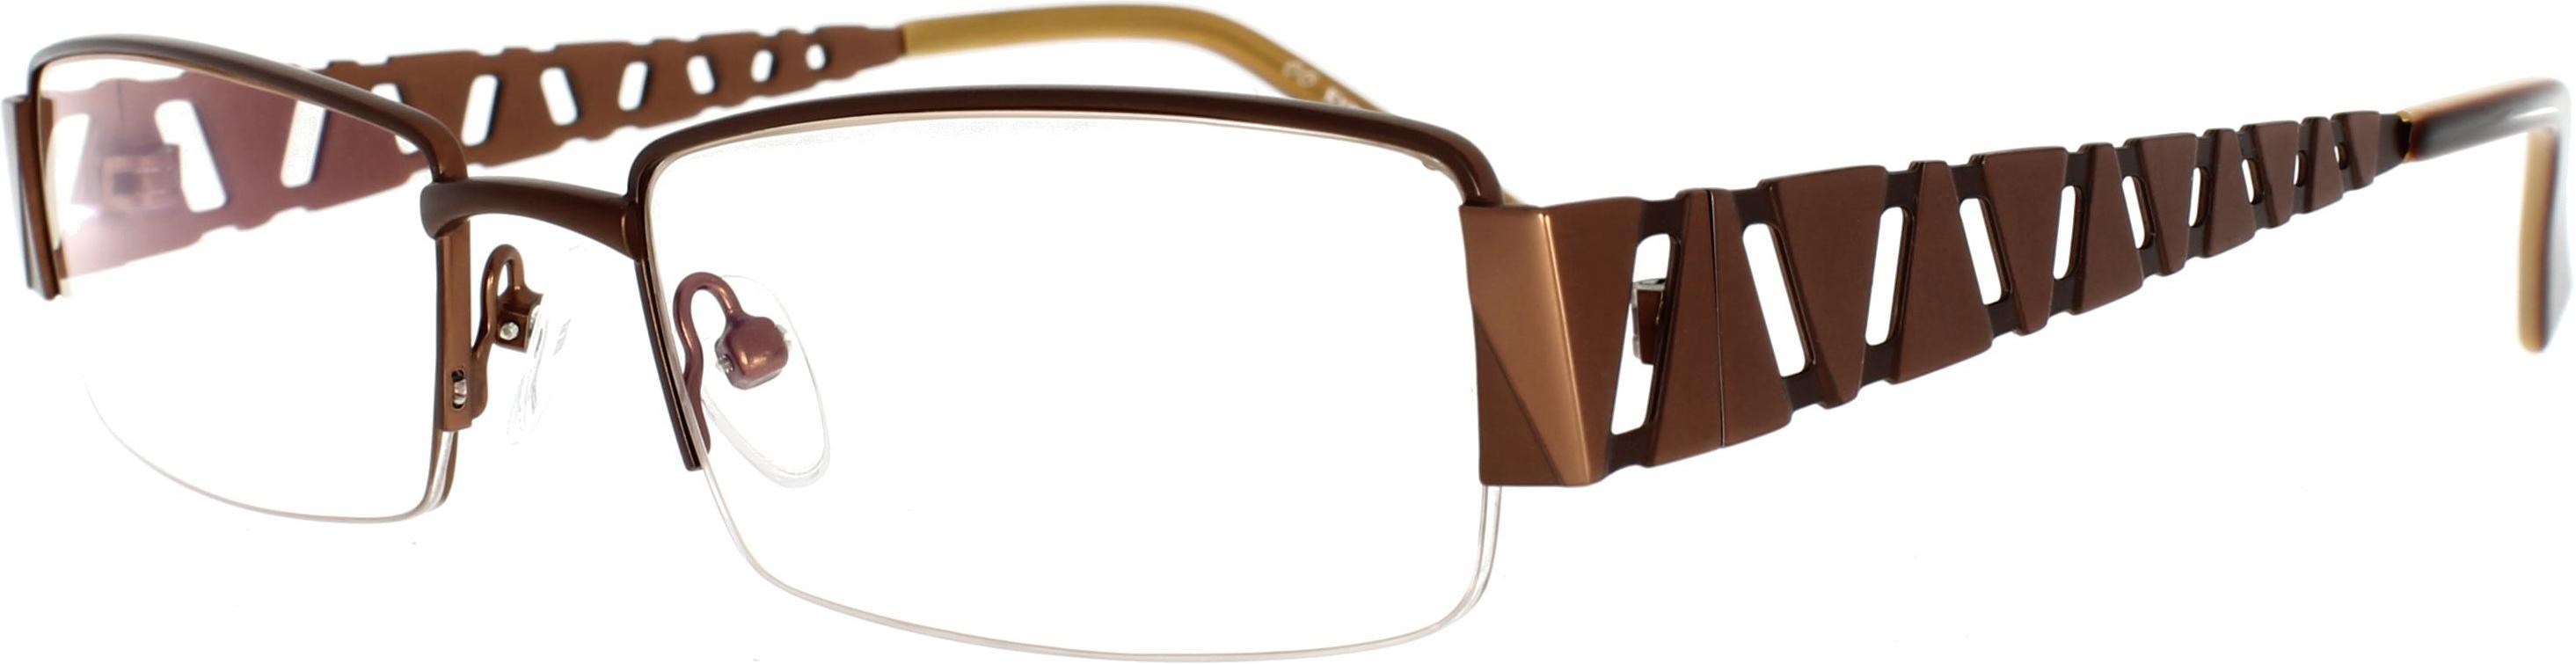 Braune Halbrand-Brille aus Metall mit auffällig...